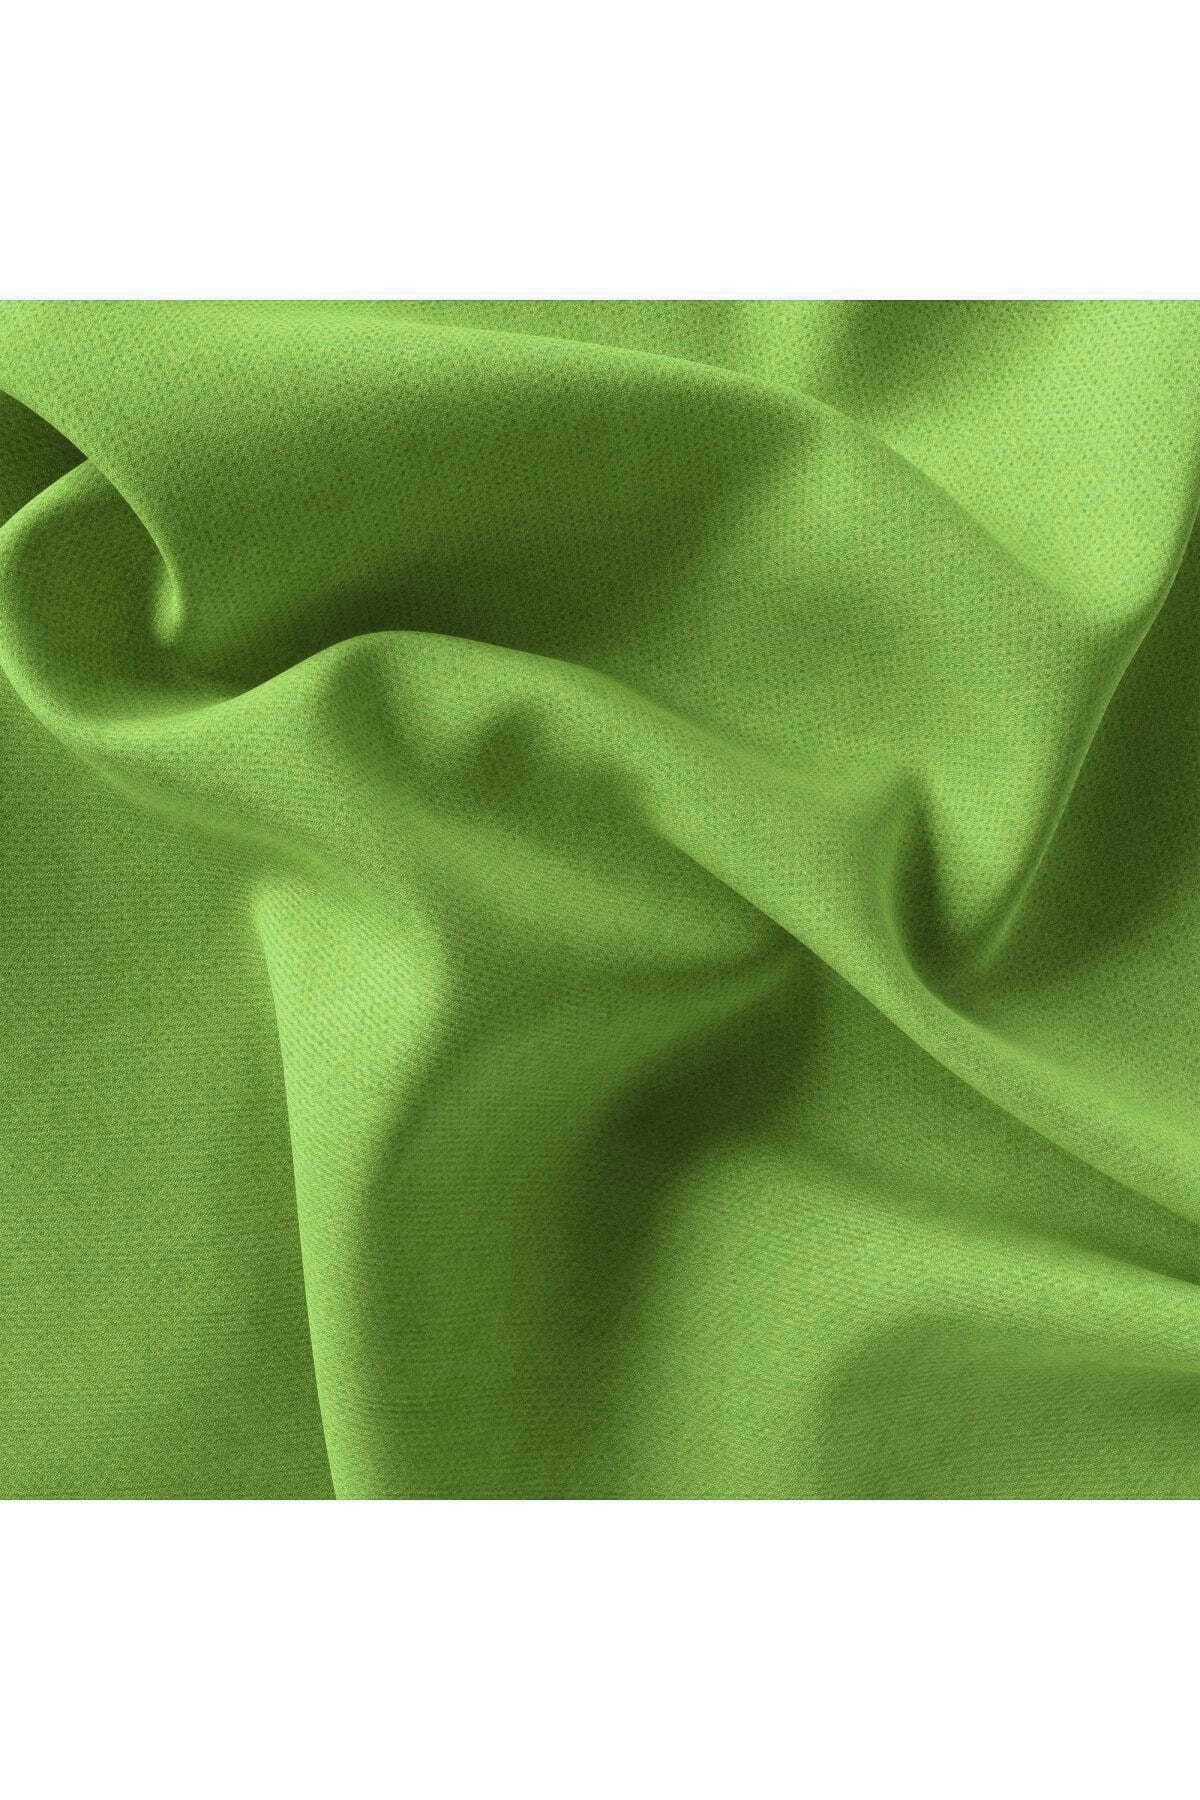 Belle Cose Kadife Dokulu Fon Perde Pilesiz Dikim Tek Kanat Fıstık Yeşili 2